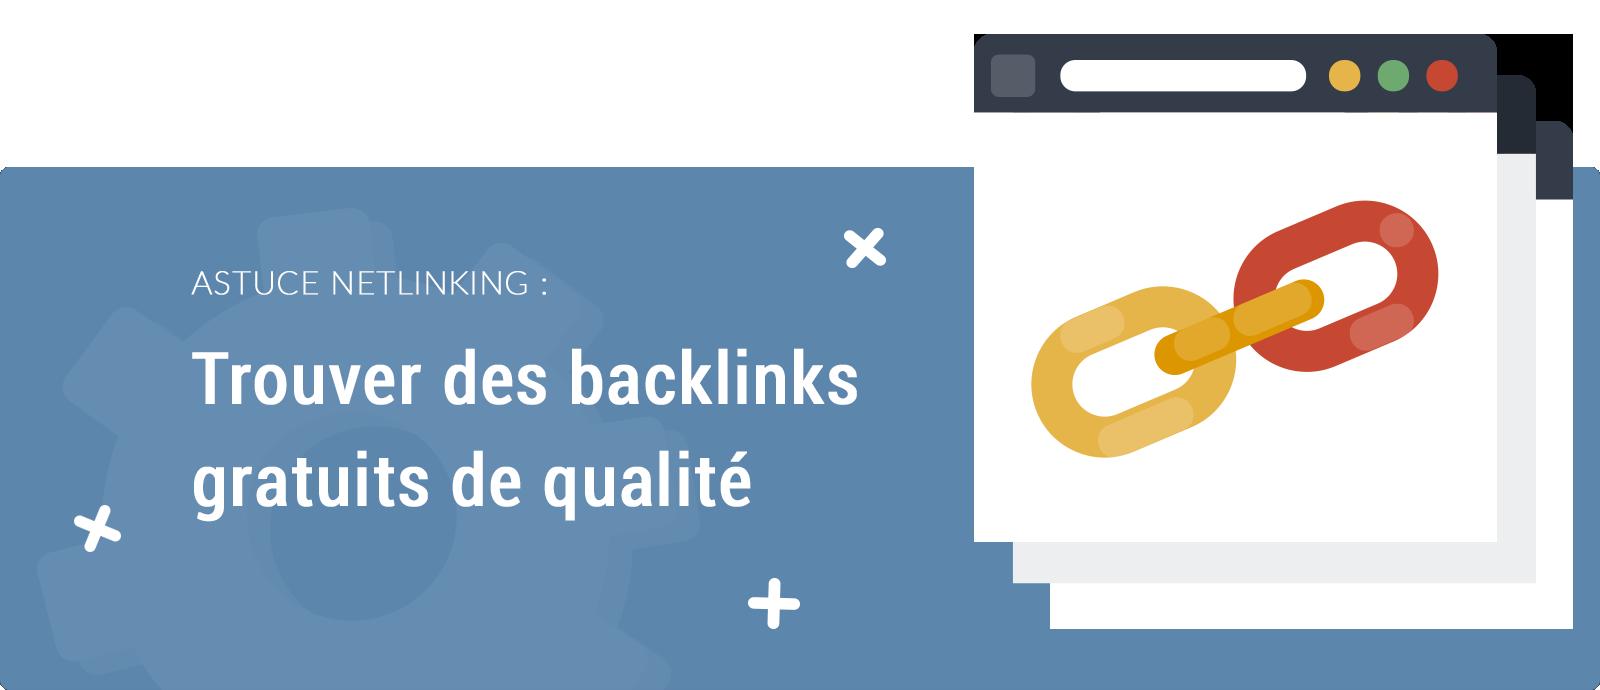 Trouver des backlinks gratuits